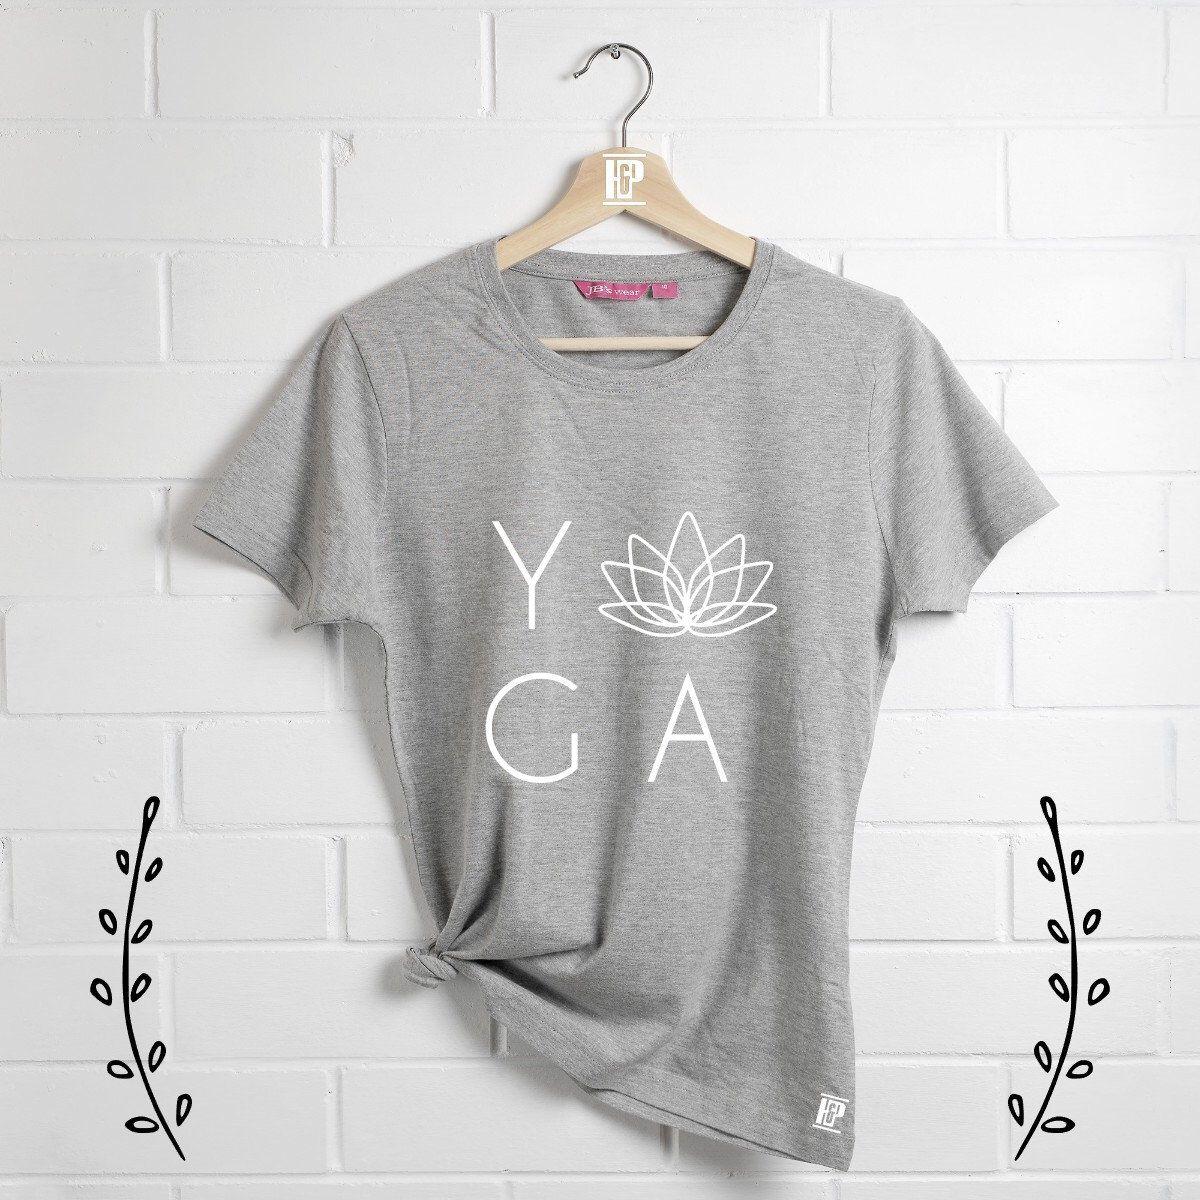 4d96536febf91 Yoga T-Shirt, Yogi shirt, Lotus Flower Tee, Yoga Clothing, Gym Shirt ...